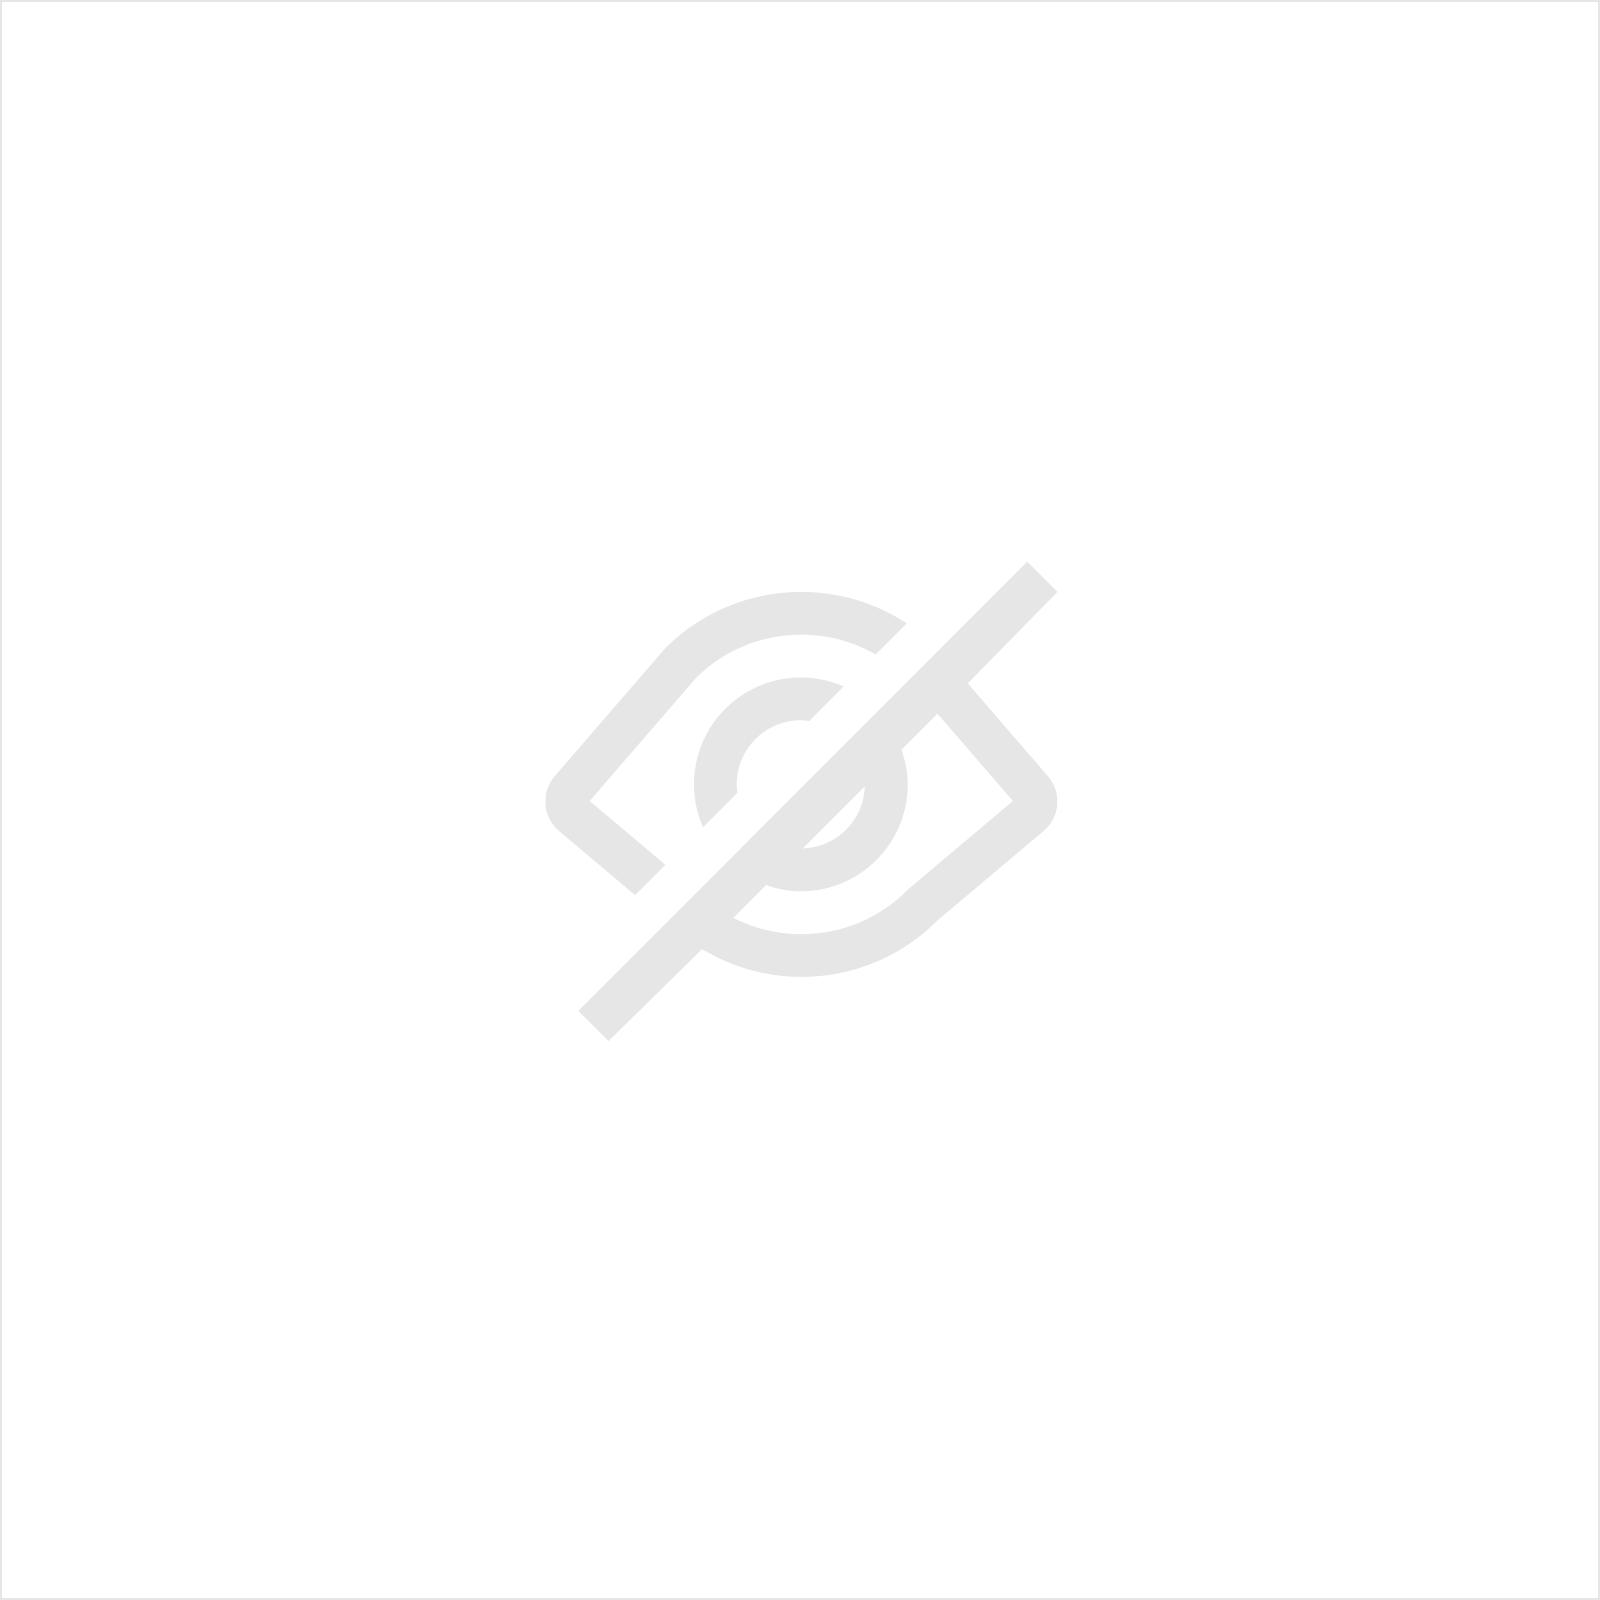 WERKPLAATSMEUBEL COMBI 3 - IMOLA